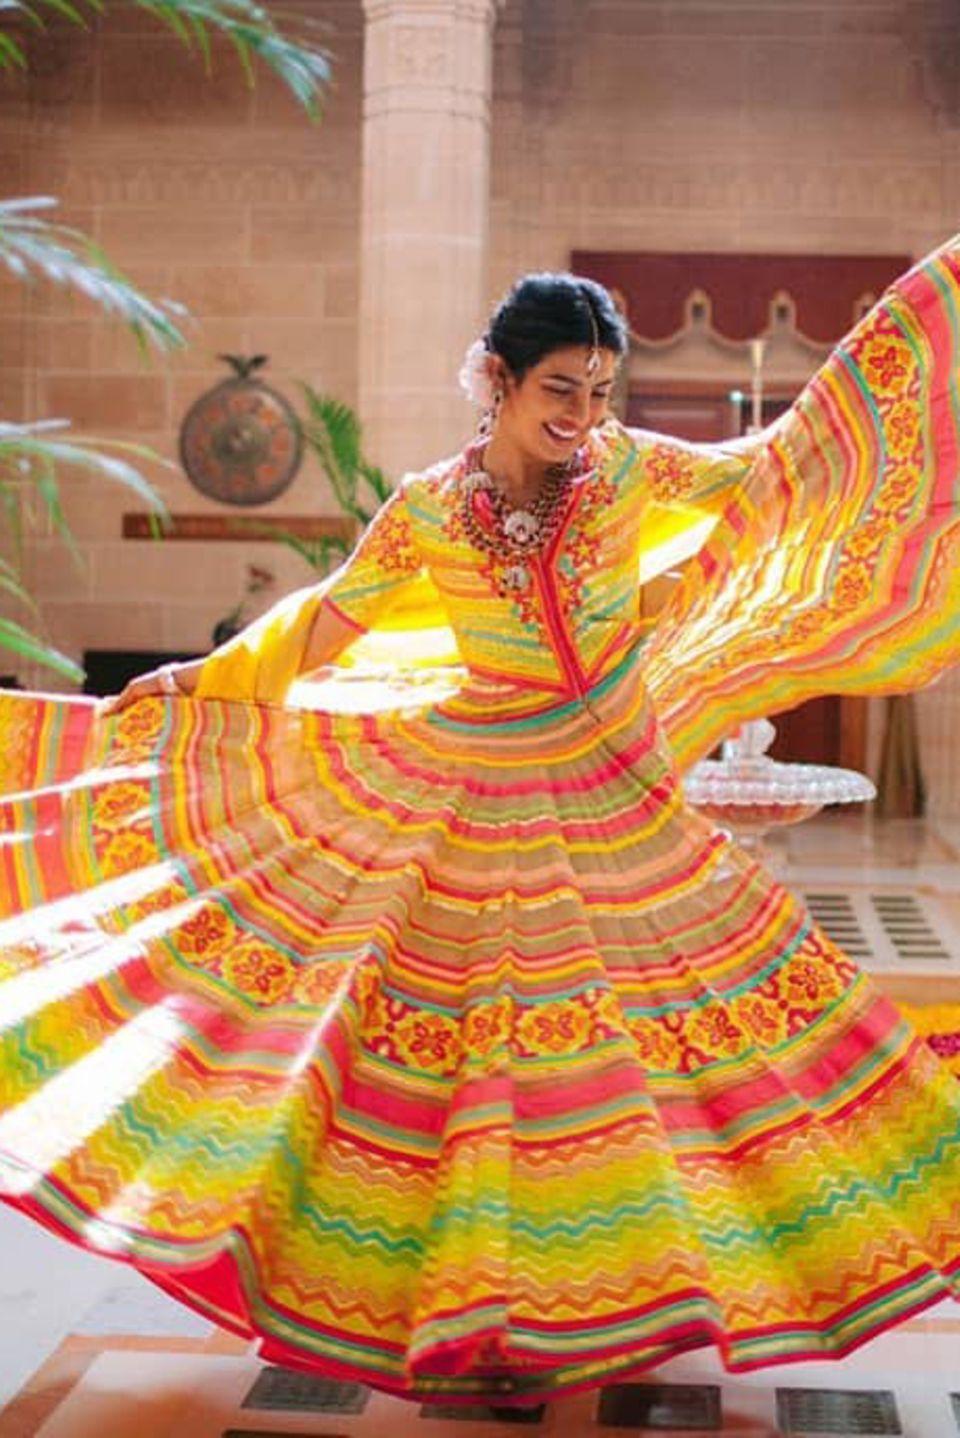 """Schauspielerin Priyanka Chopra hat """"Ja"""" gesagt. Während einer sogenannten Mehendi-Zeremonie ehelicht sie Musiker Nick Jonas am 1. Dezember 2018. Priyanka strahltin einer traumhaft-schönen und vor allem bunten Robe des DesignersAbu Jani Sandeep Khosla."""